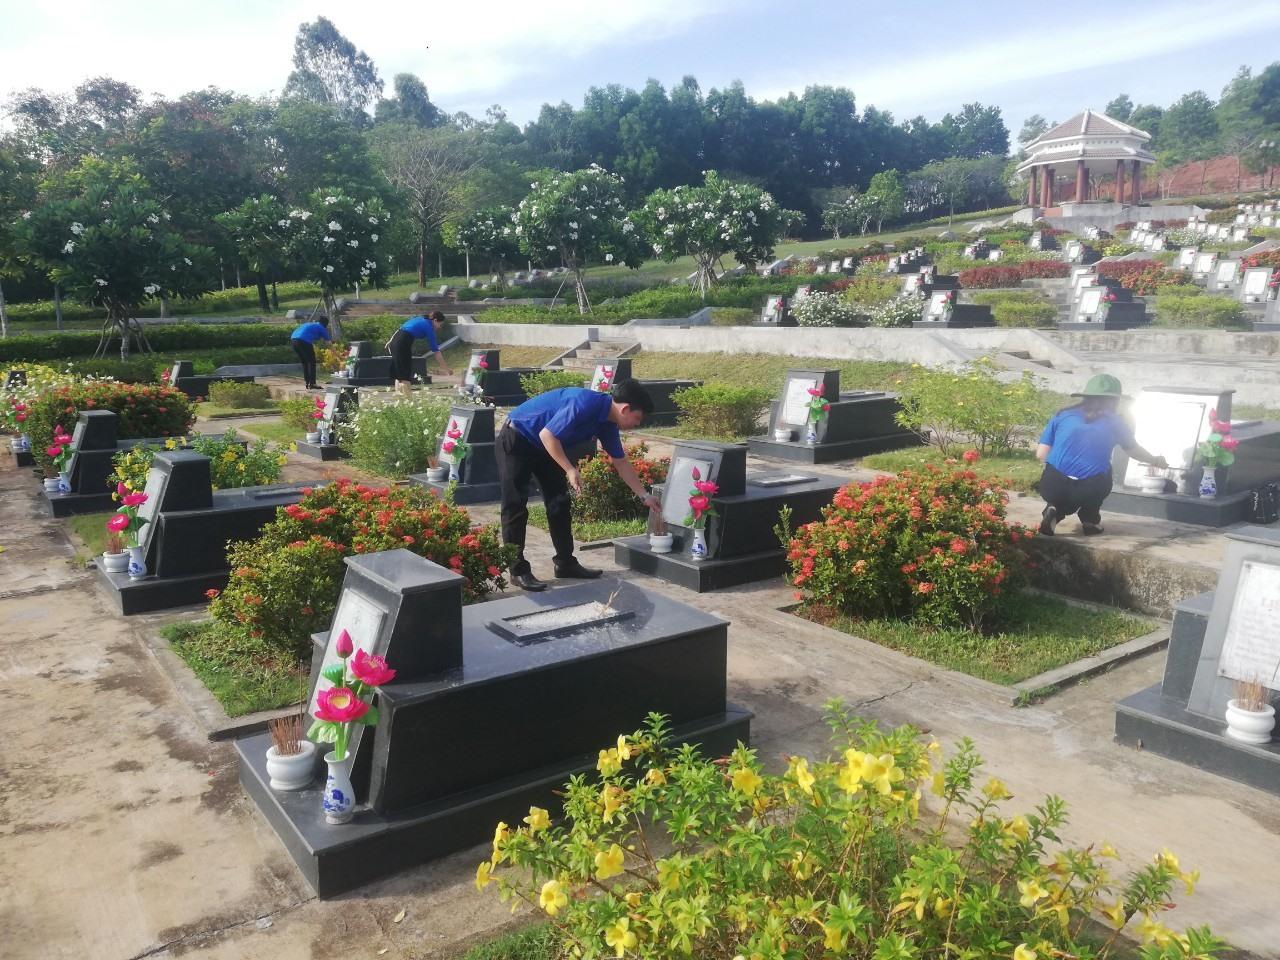 Đoàn viên Chi đoàn BHXH tỉnh tổ chức viếng hương Nghĩa trang Liệt sĩ tỉnh. Ảnh: quangnam.baohiemxahoi.gov.vn